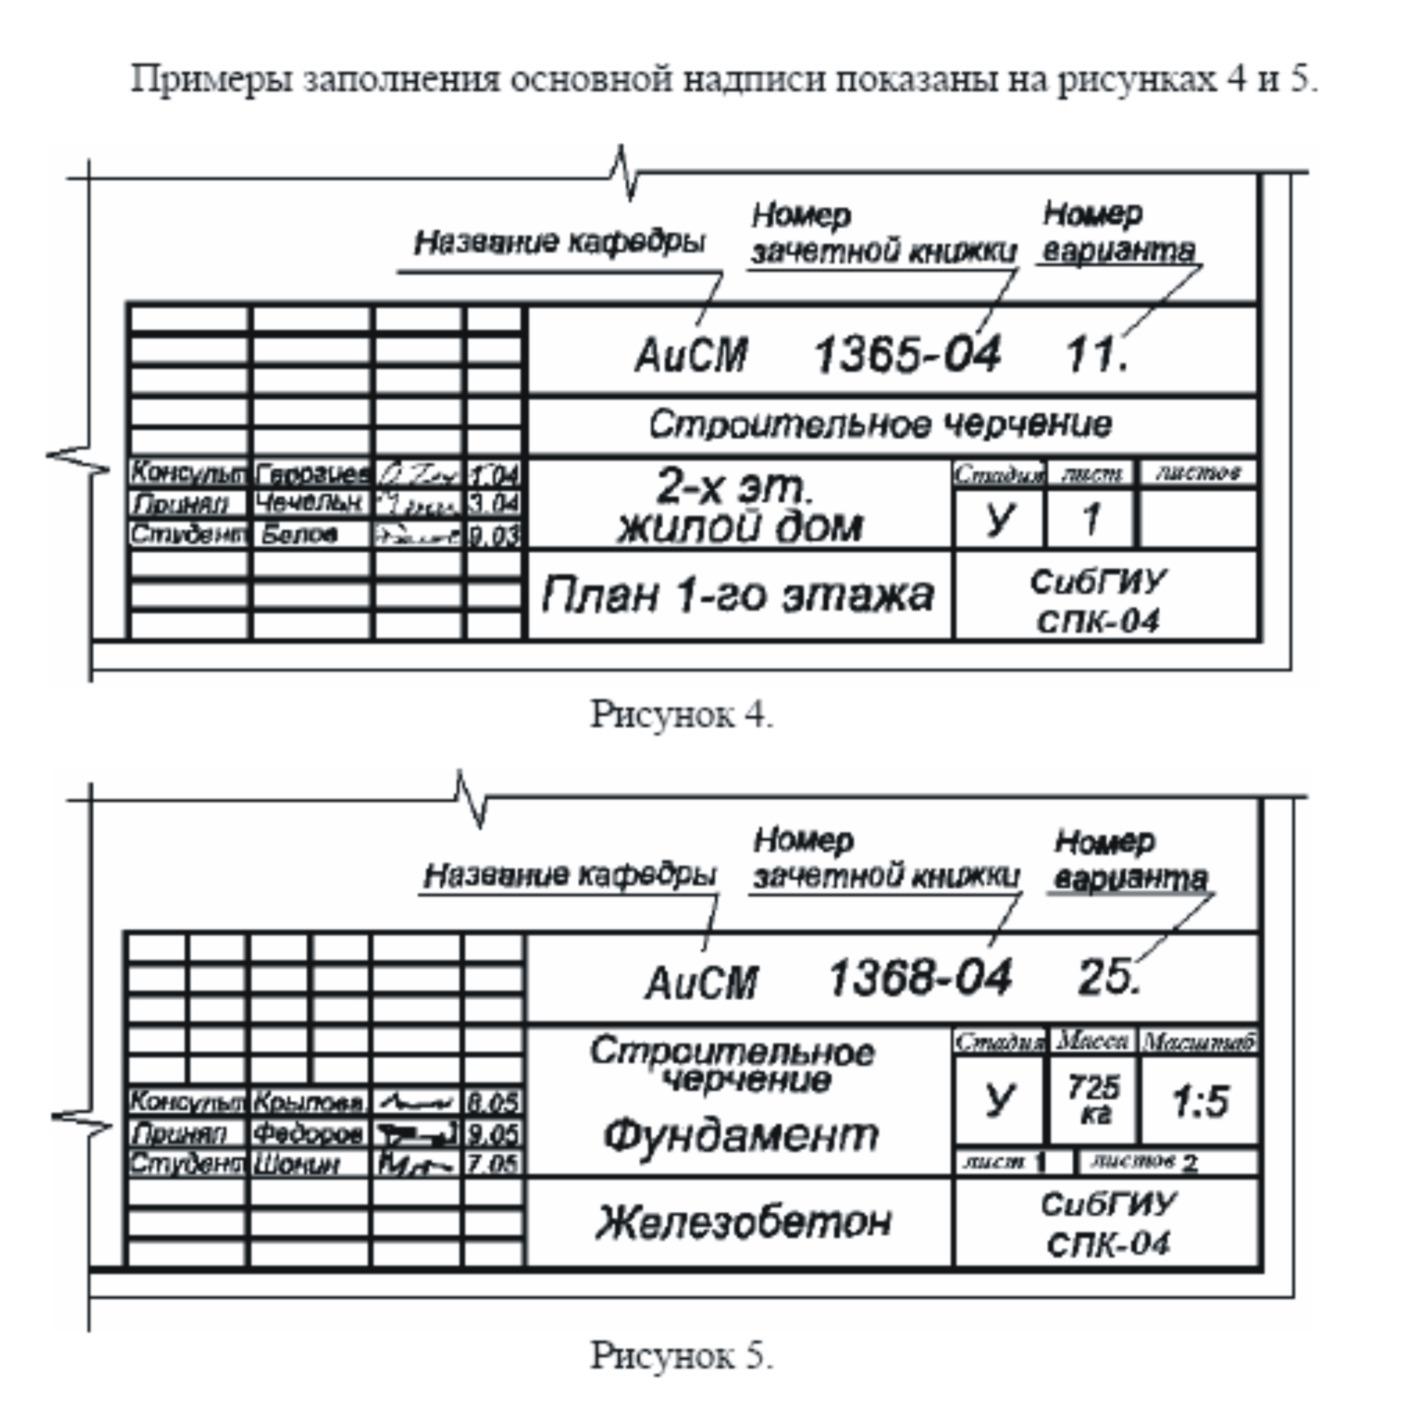 Основная надпись чертежа Геометрия Статьи Чертежи и d  название картинки